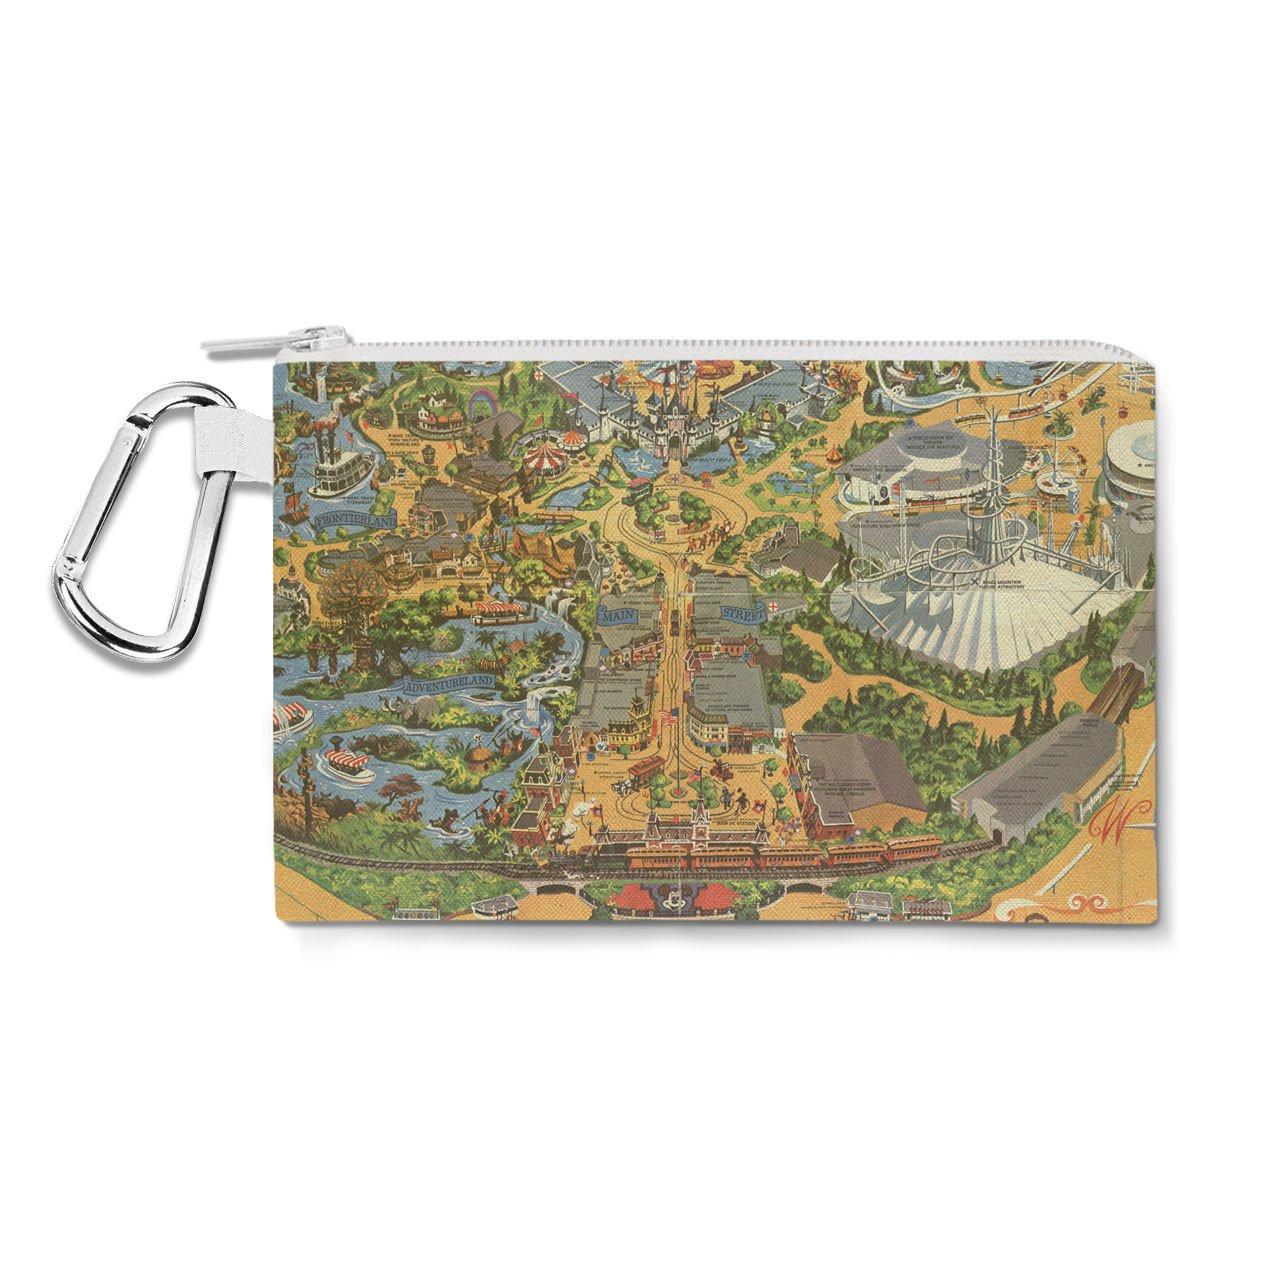 新しいスタイル DisneylandヴィンテージマップキャンバスZipポーチ Pouch – マルチ目的鉛筆ケースバッグin 6サイズ Large Small Canvas Pouch 10x7 inch 10x7 イエロー B013VHWT5M Small Canvas Pouch 7x5 inch Small Canvas Pouch 7x5 inch, 花の資材屋e-Annasakka:544ac037 --- arianechie.dominiotemporario.com